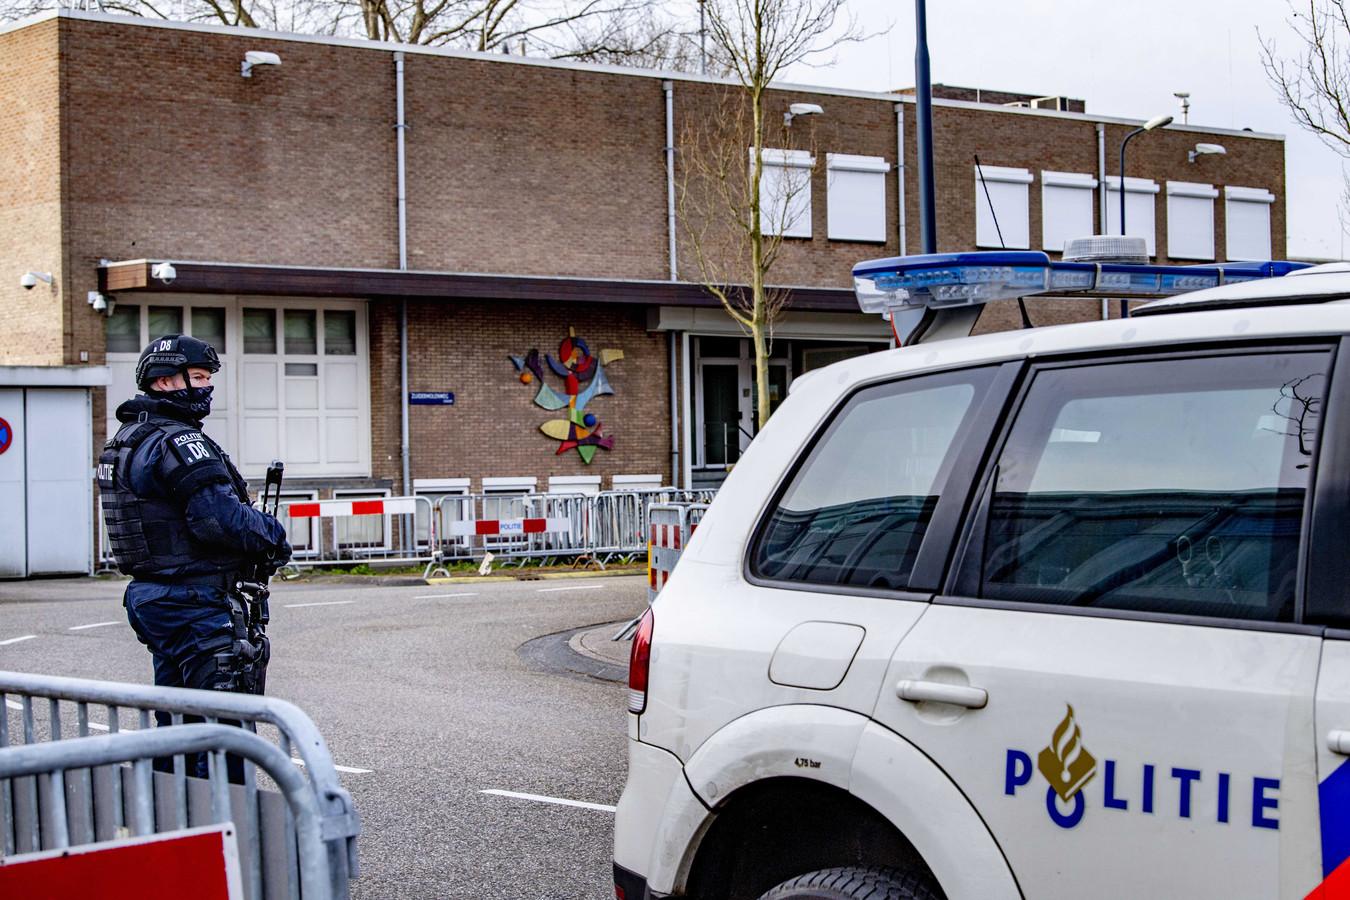 Beveiliging bij De Bunker in Amsterdam Osdorp voor het liquidatieproces Marengo.